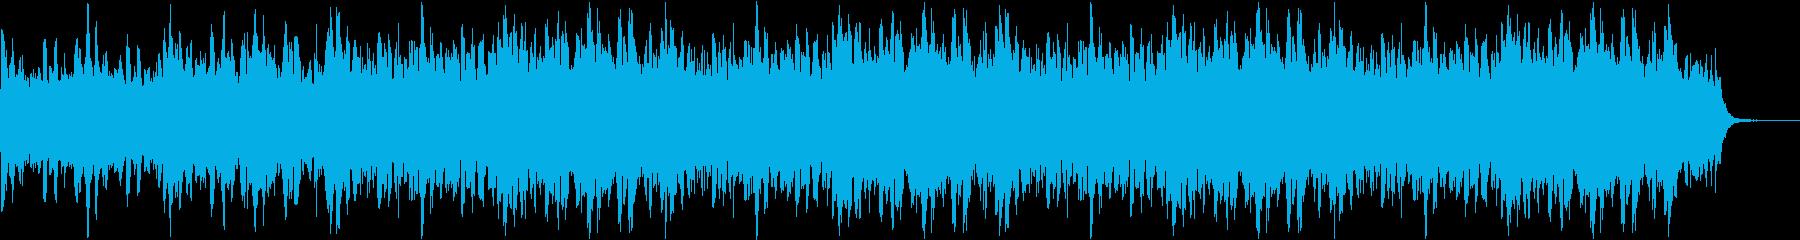 前向きなサウンドの再生済みの波形